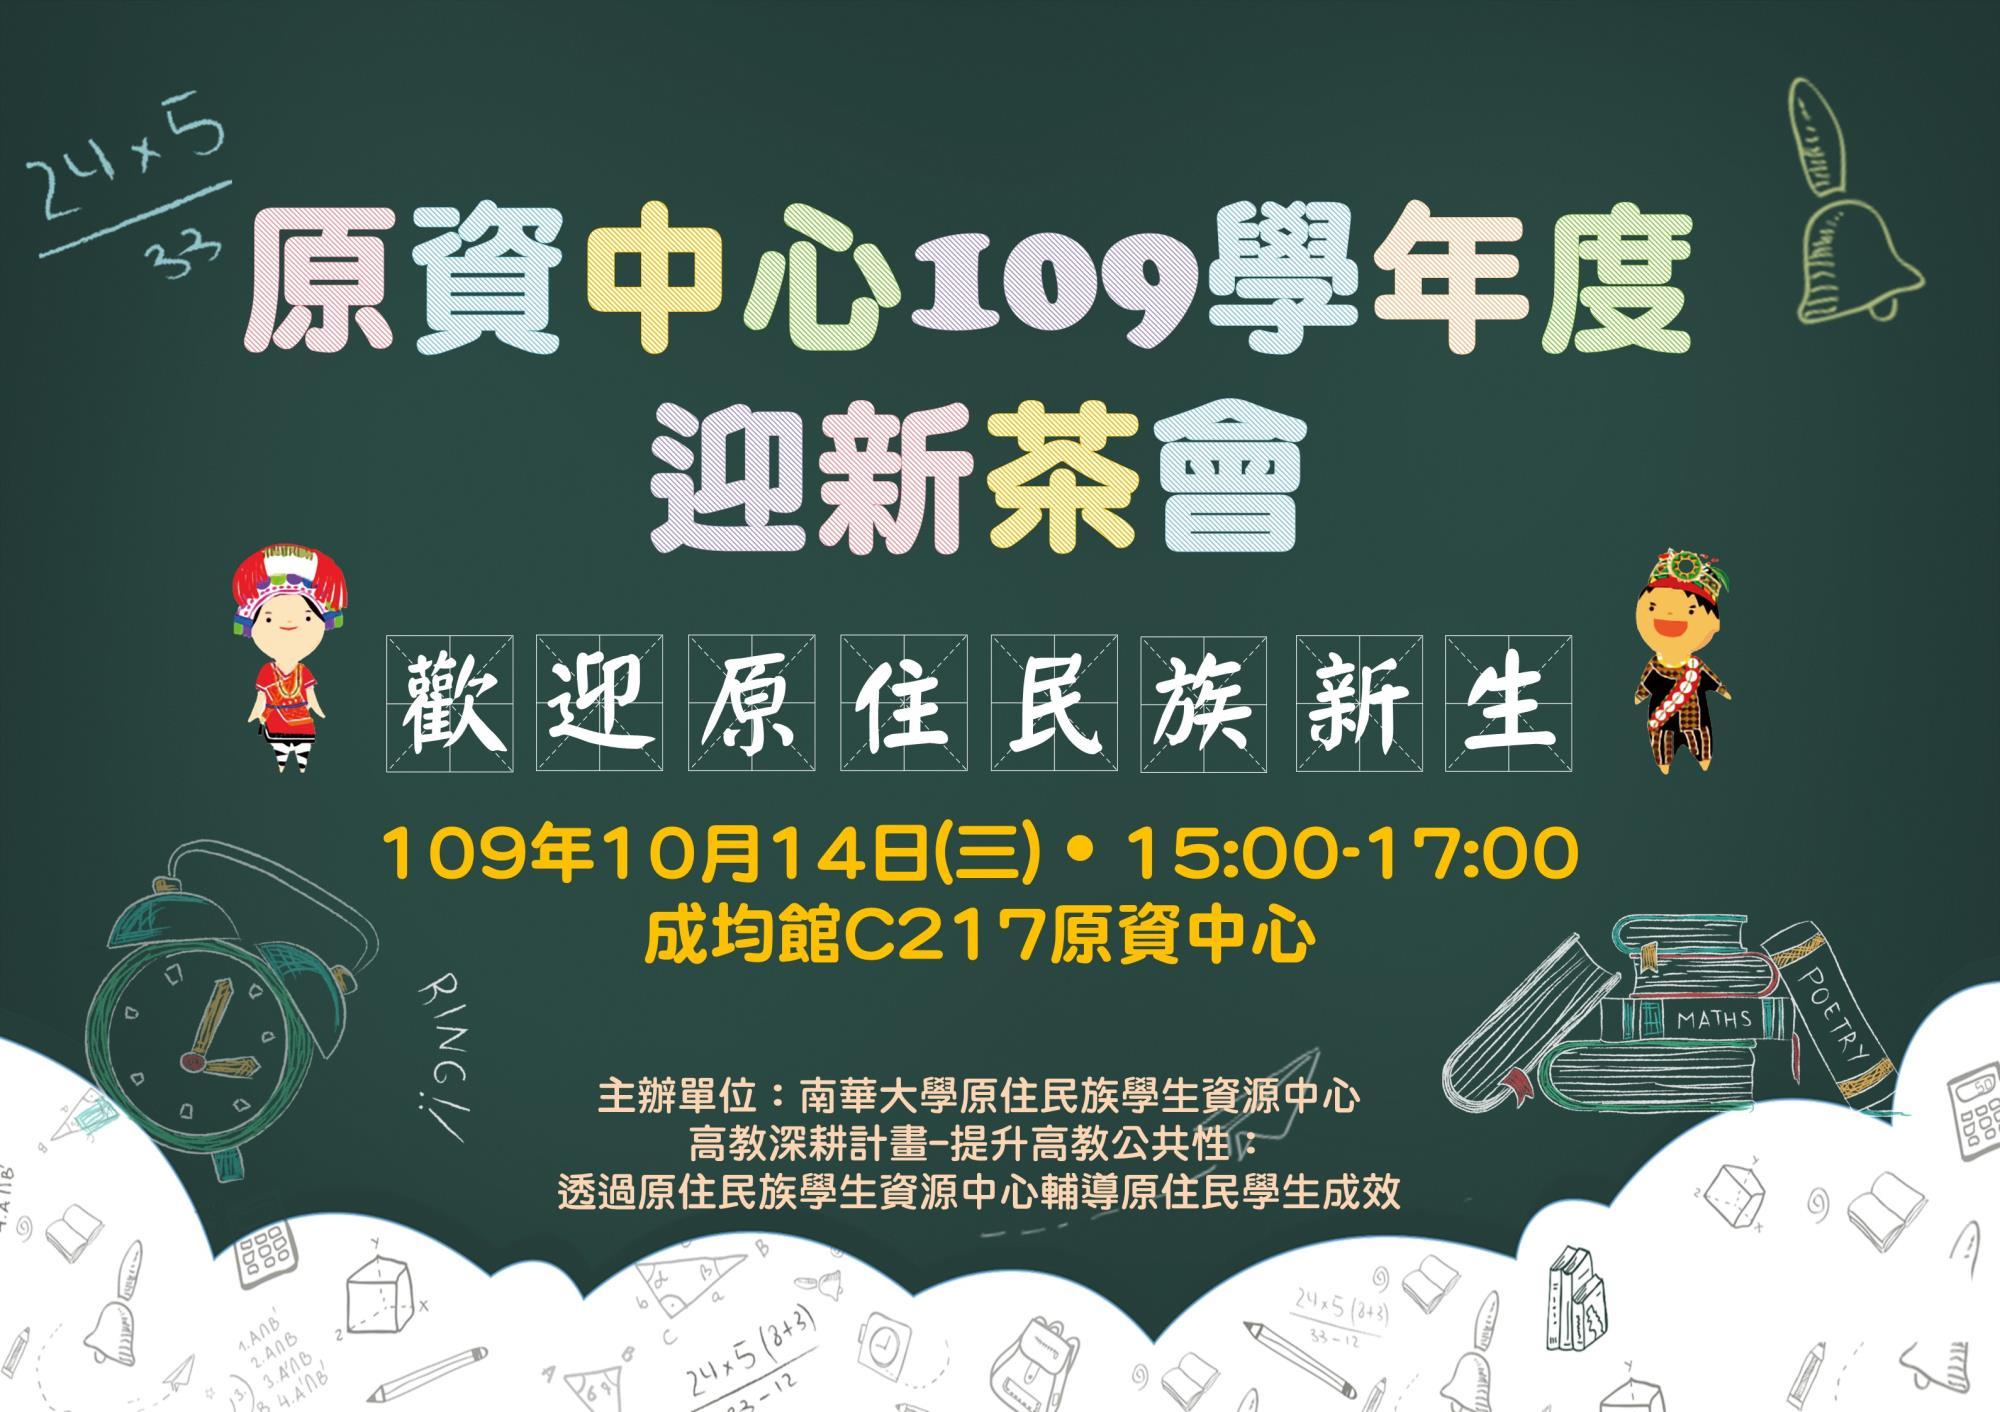 【校內活動】原資中心109學年度迎新茶會